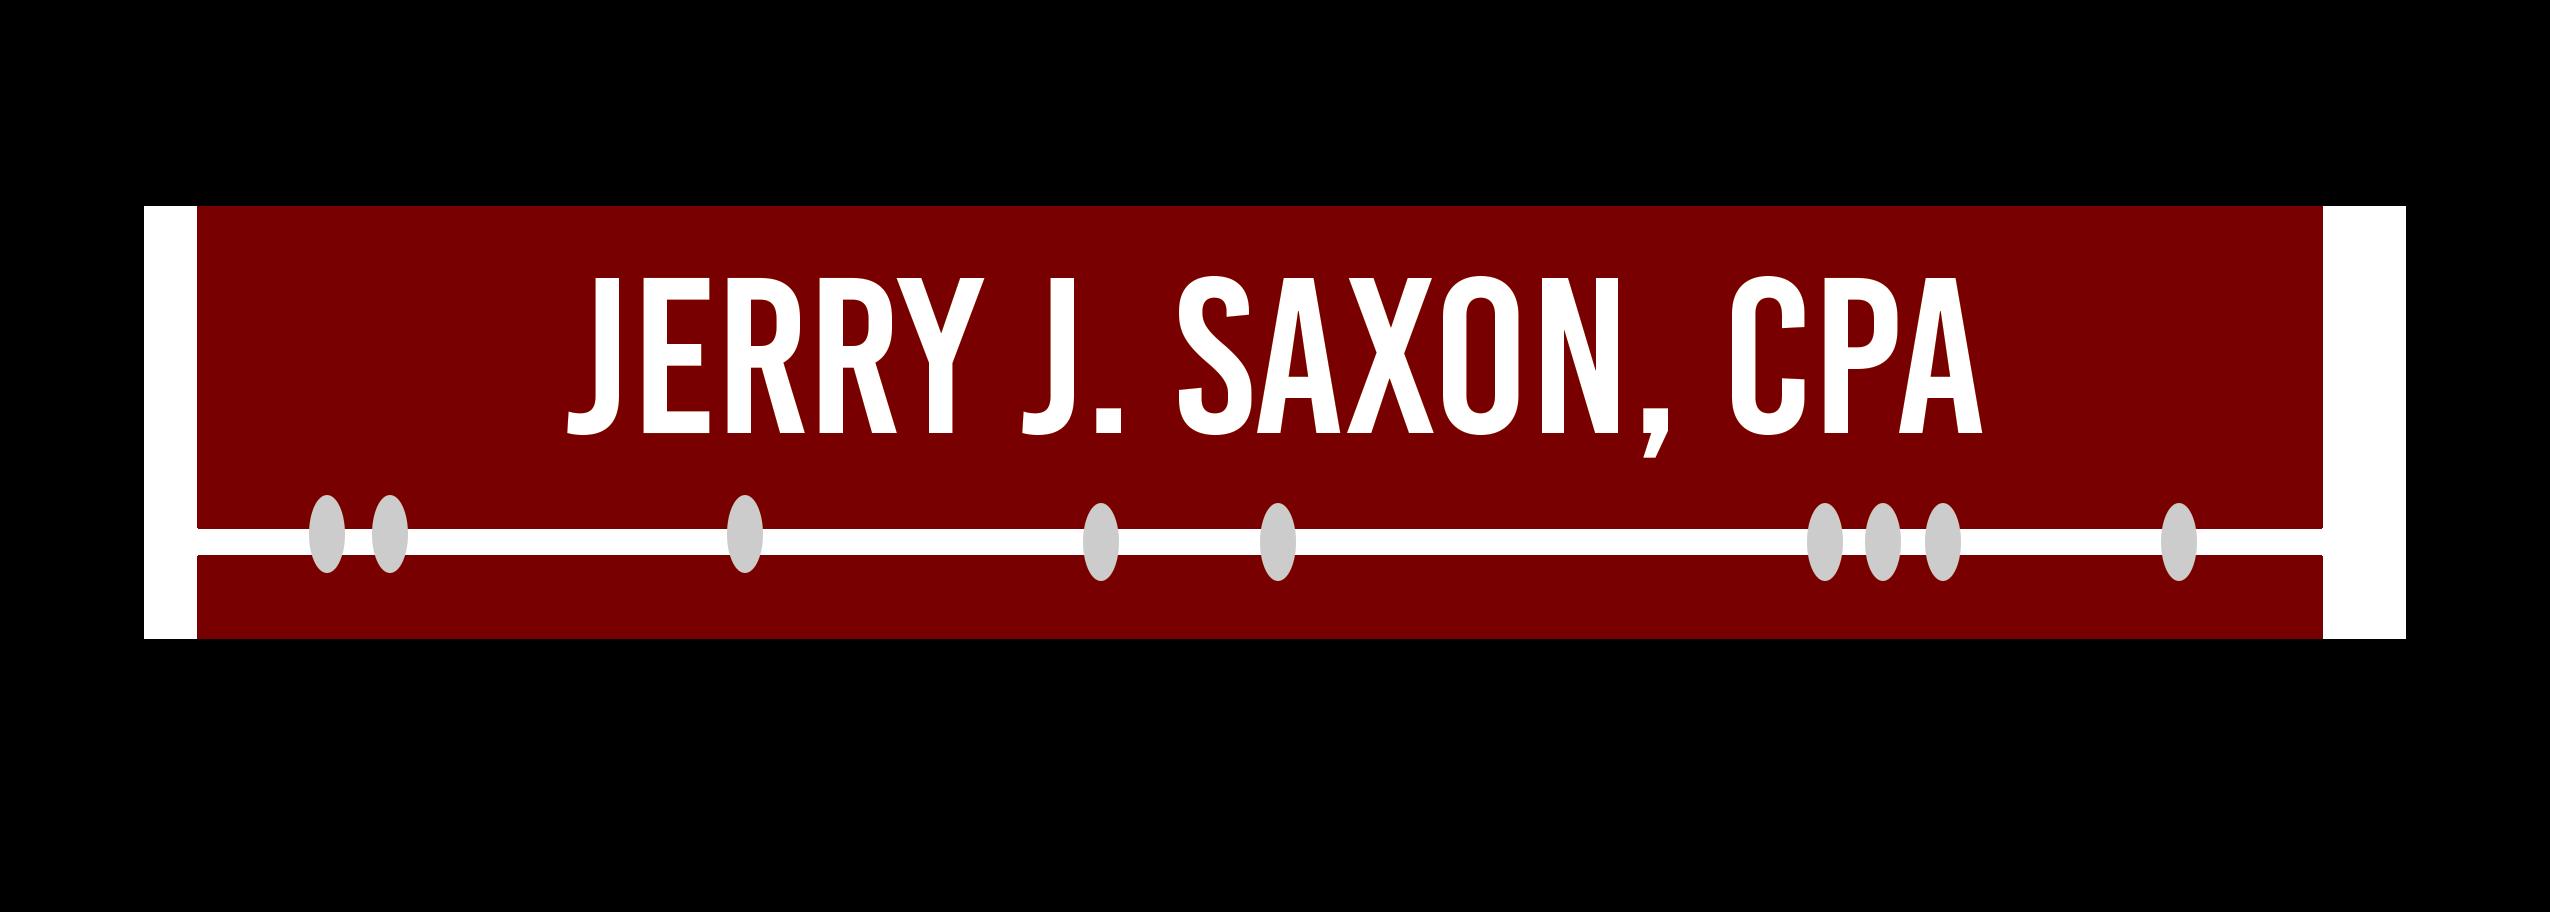 Jerry Saxon, CPA